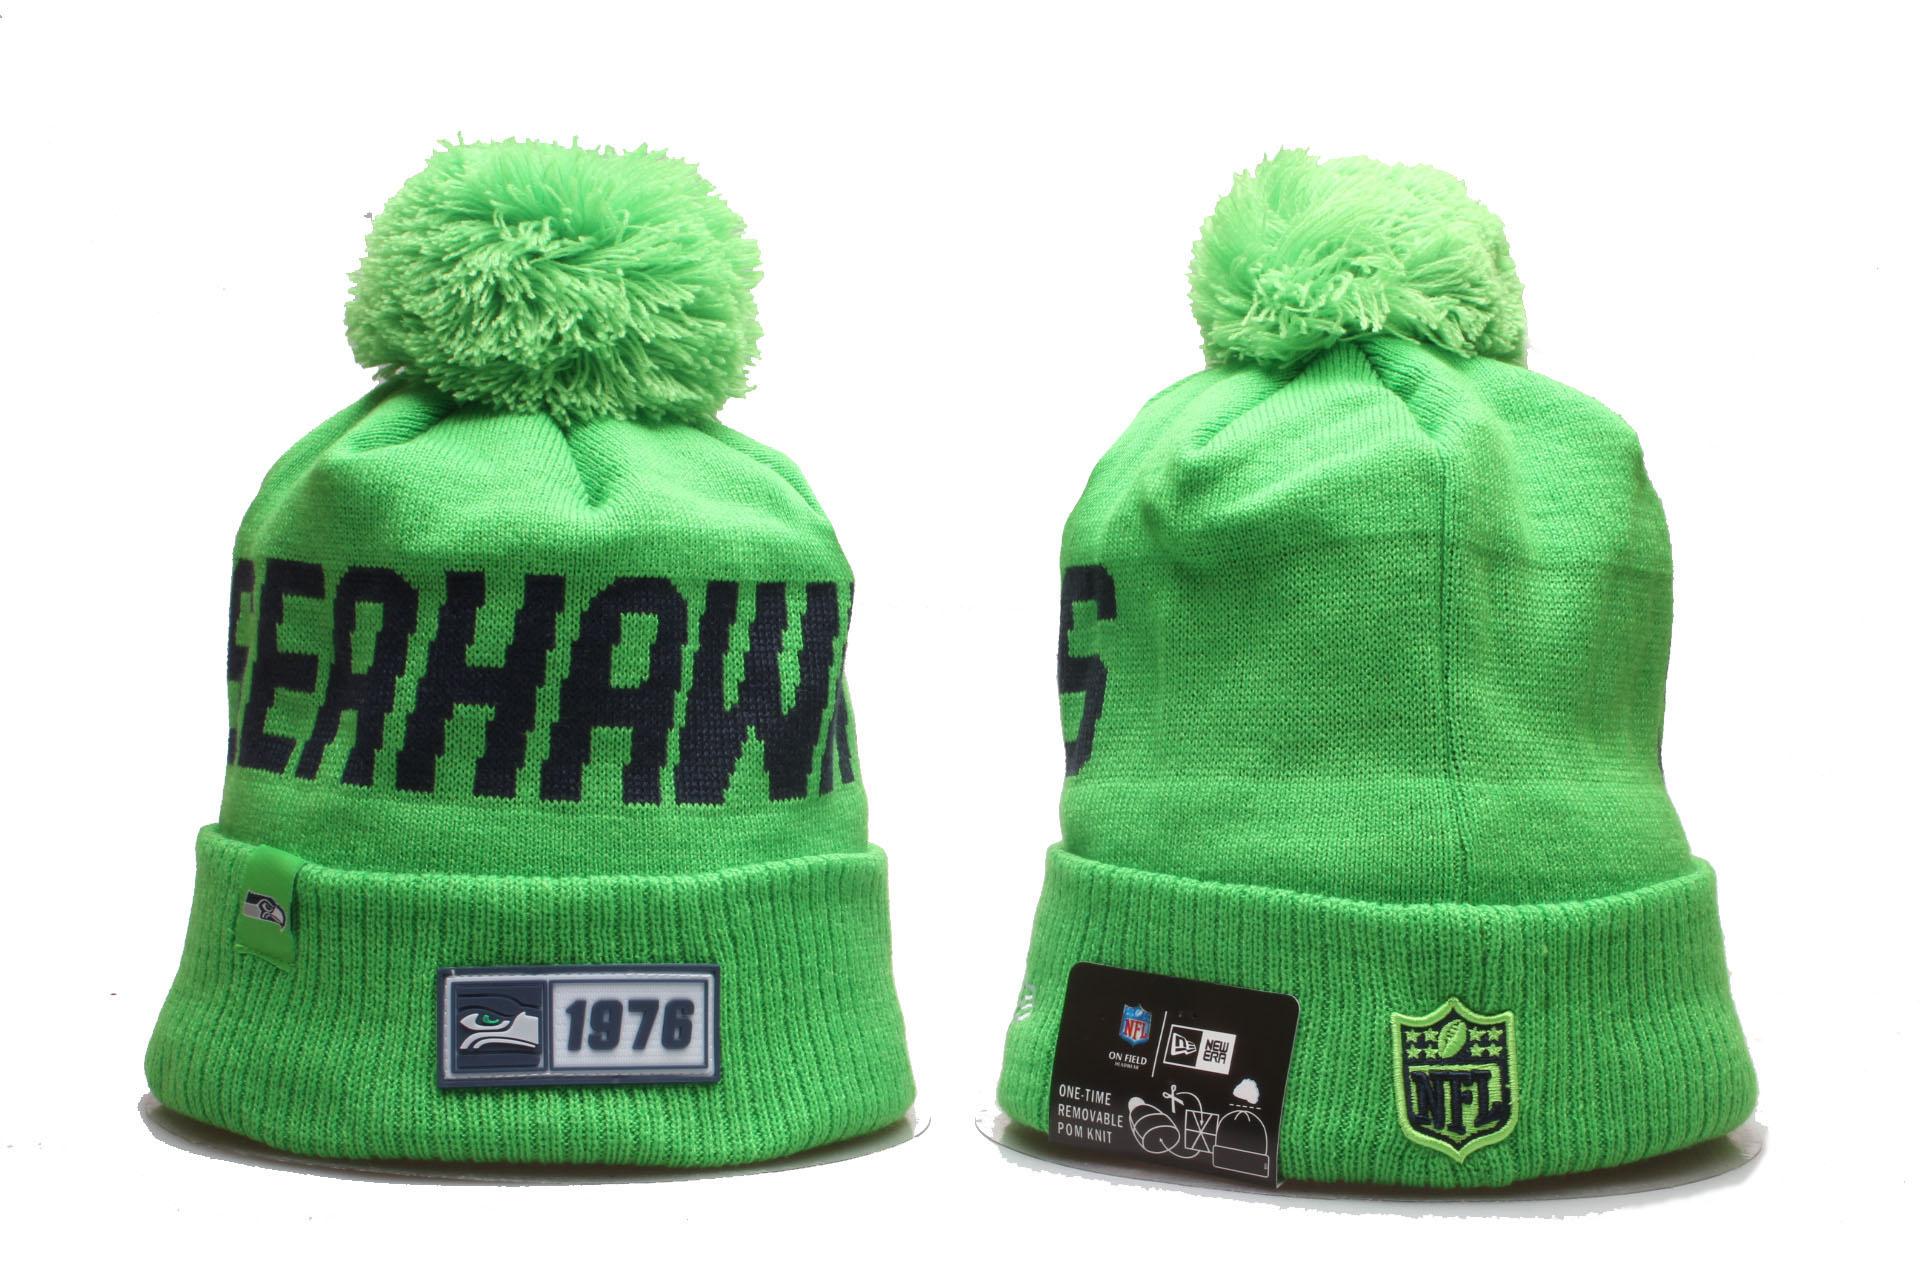 Seahawks Team Logo Green Cuffed Pom Knit Hat YP